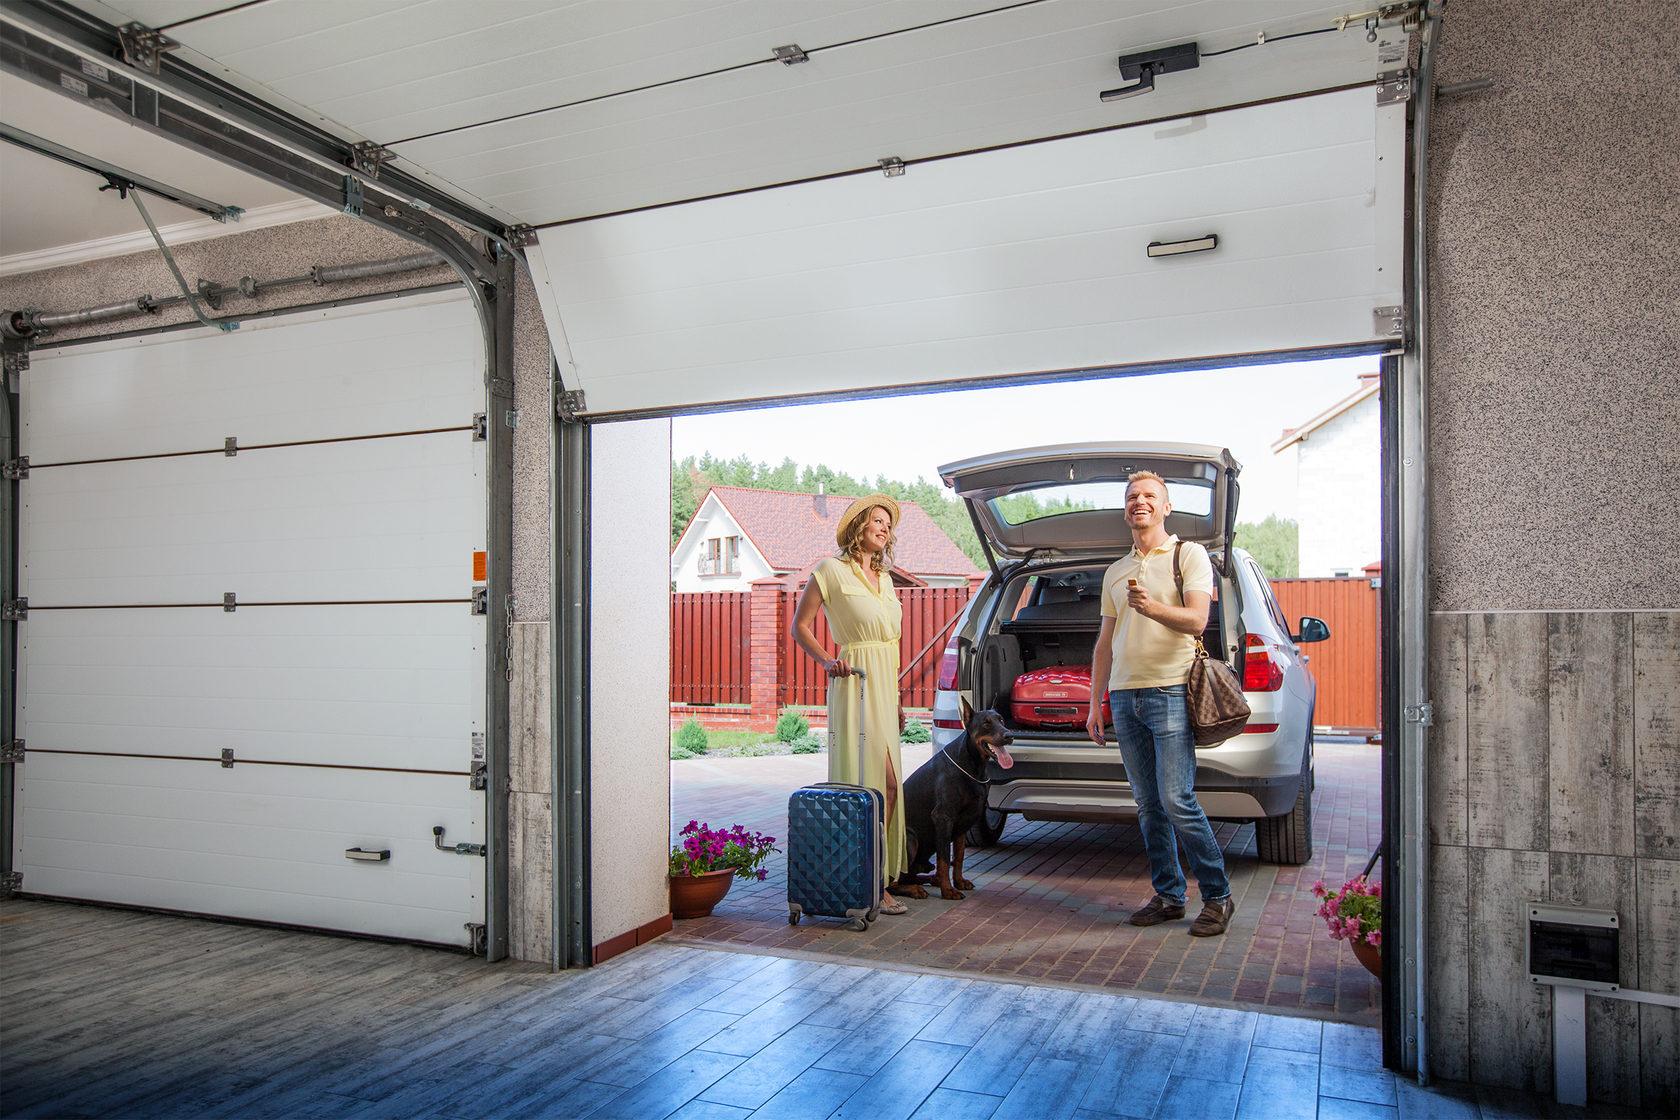 Модернизация уплотнителя в гаражных воротах серии Trend!